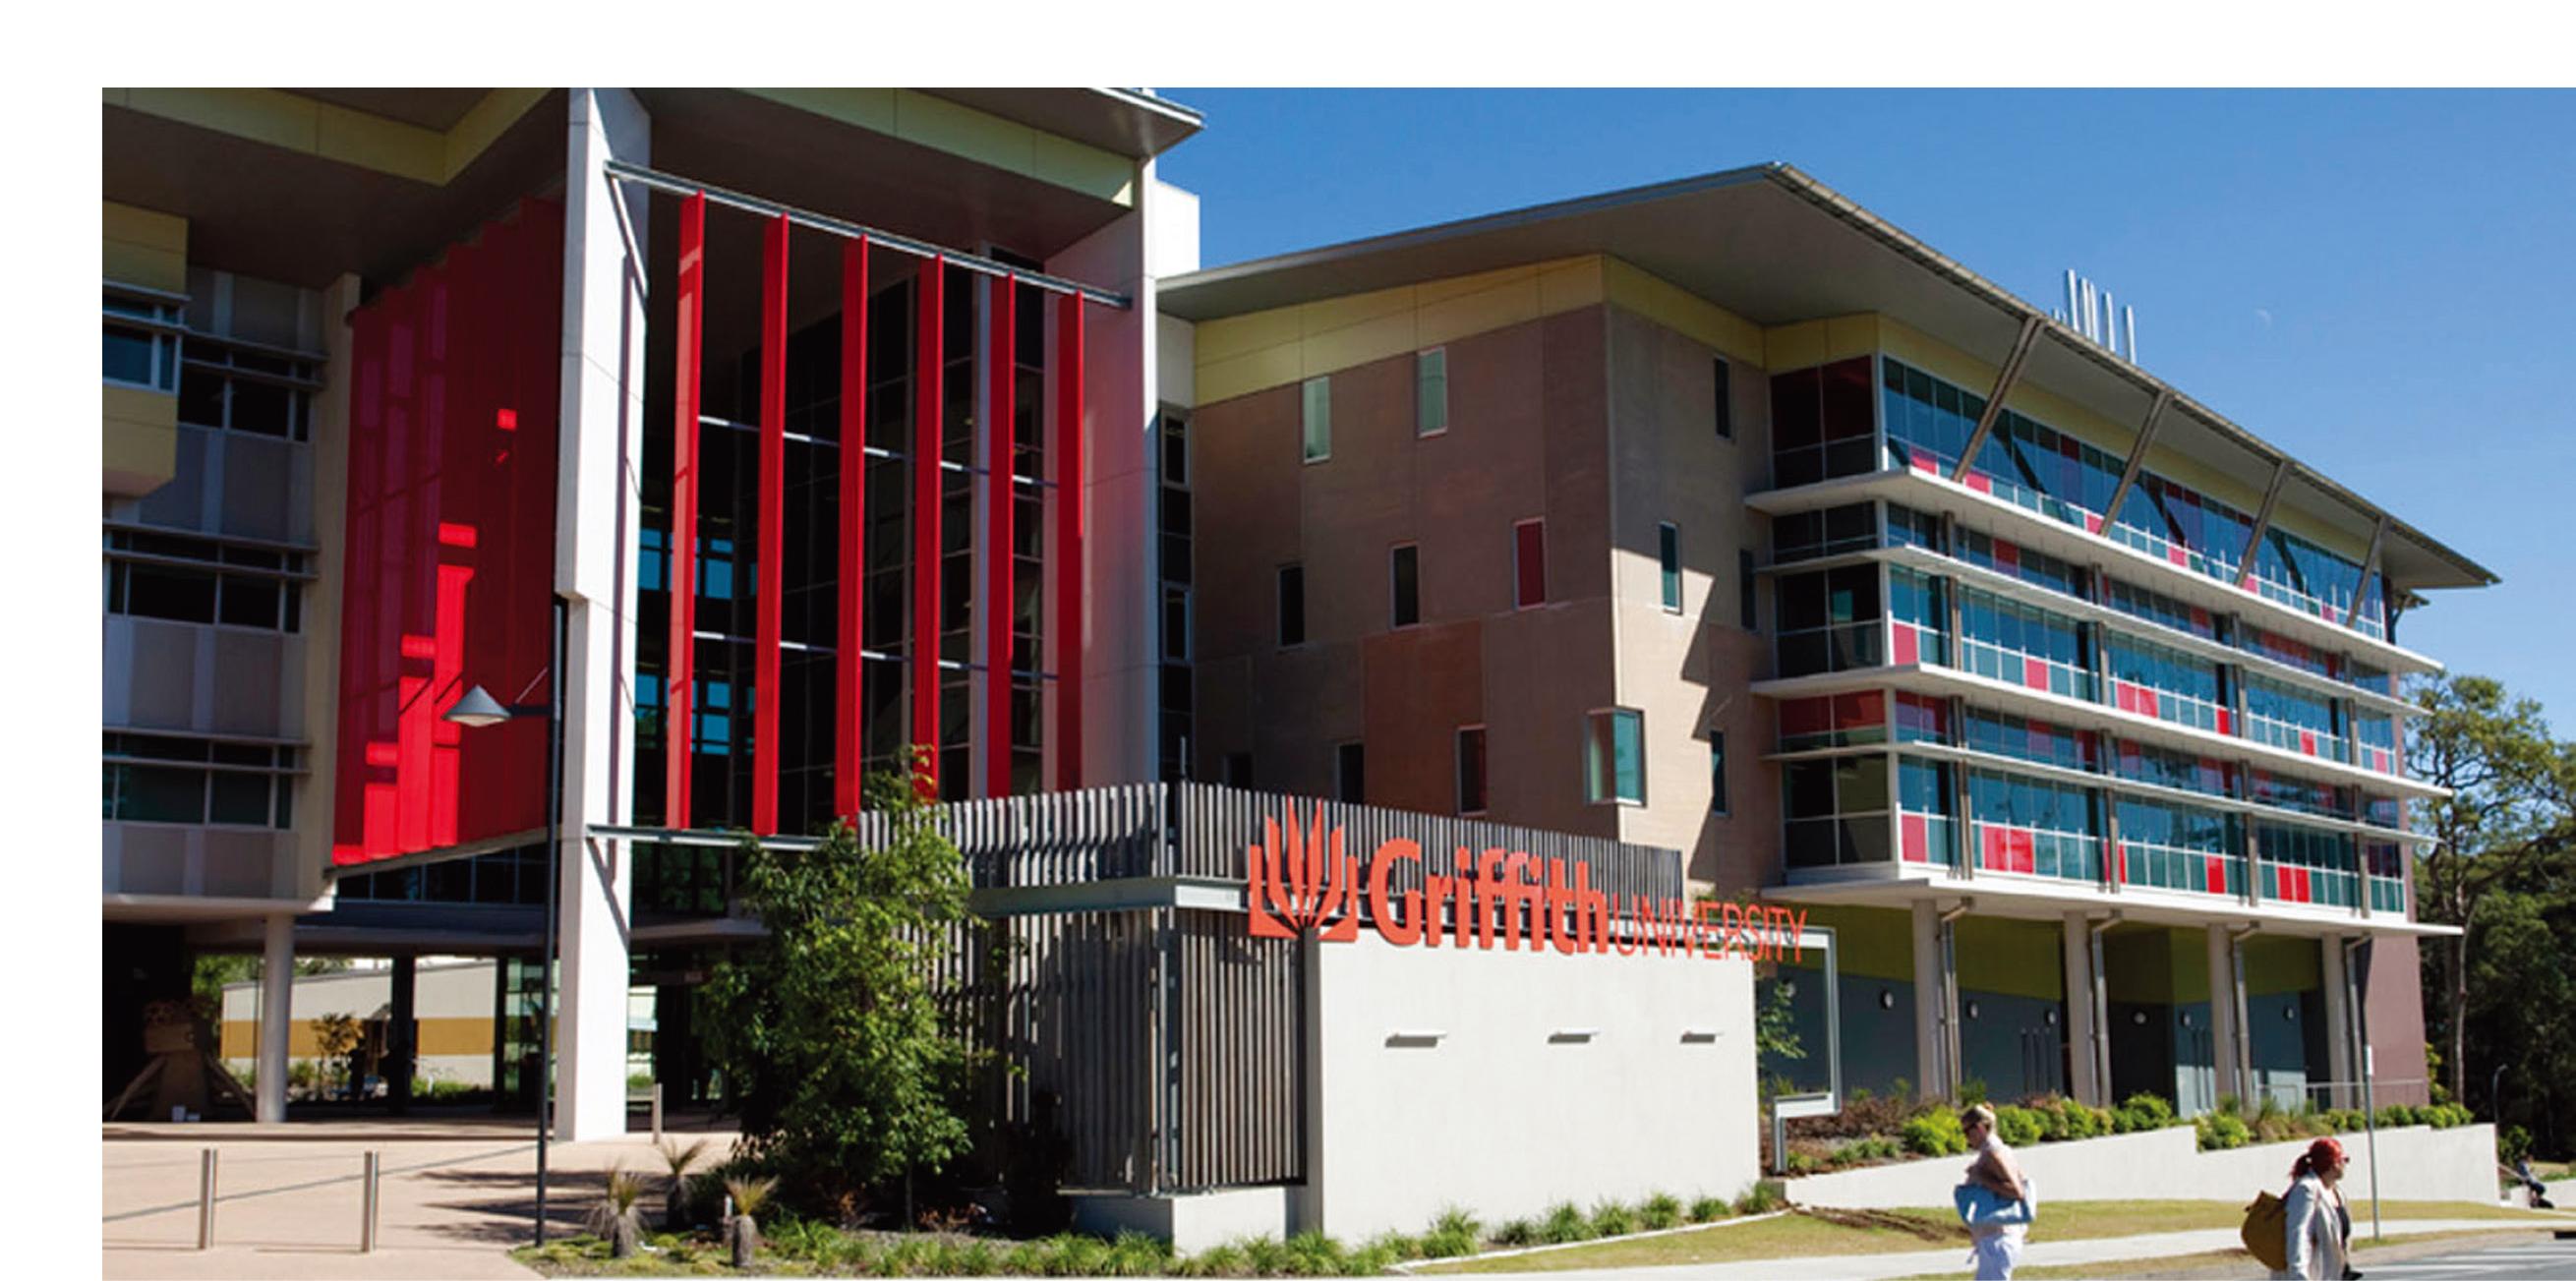 杭州的大学排名_格里菲斯大学_Griffith University图片_格里菲斯大学校园环境_IDP海外 ...